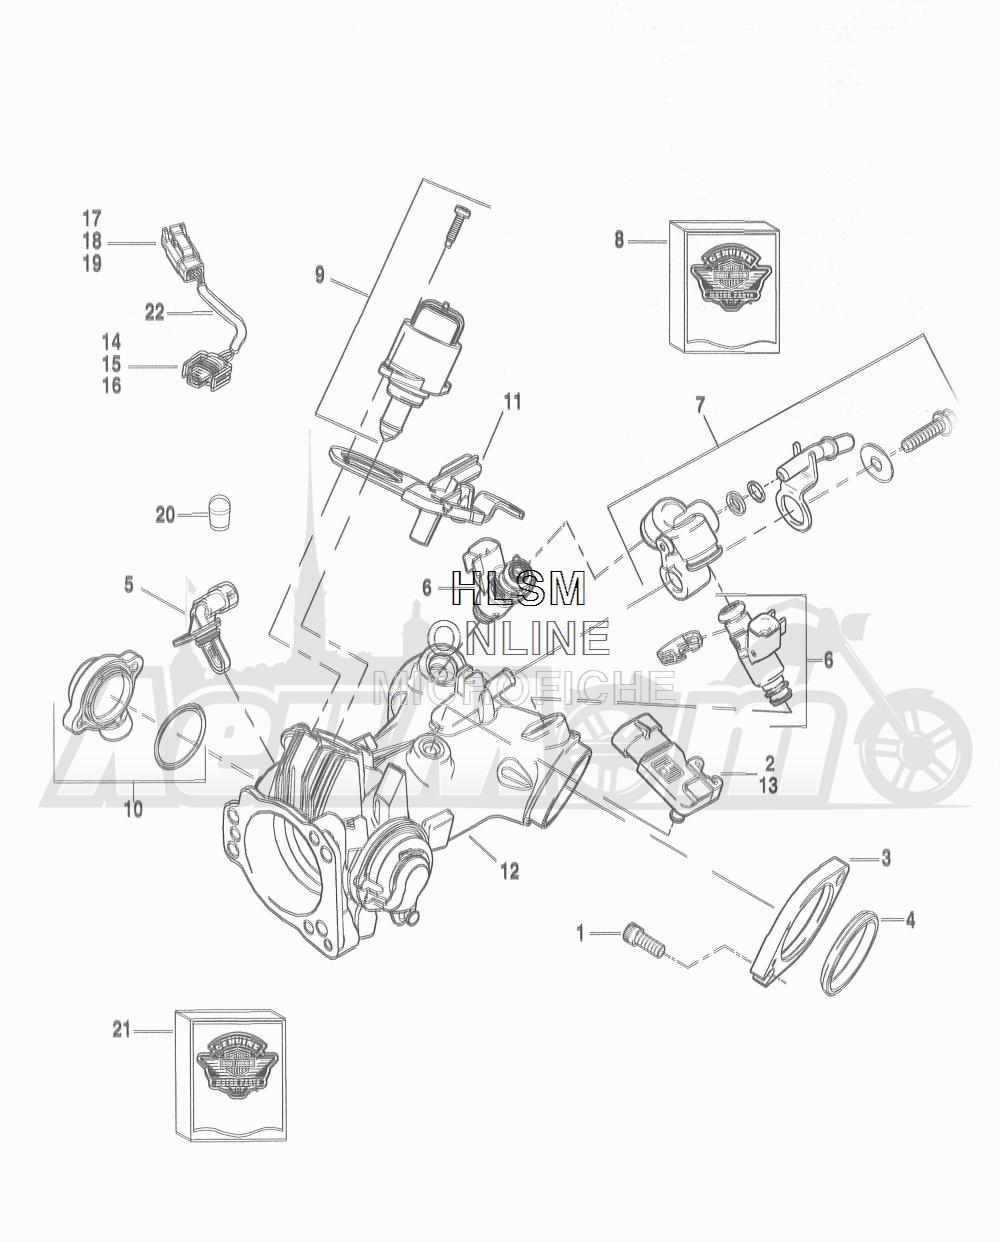 Запчасти для Мотоцикла Harley-Davidson 2016 FLD DYNA 103 SWITCHBACK (GZM) Раздел: THROTTLE BODY - INDUCTION MODULE | дроссельный узел индукционный модуль